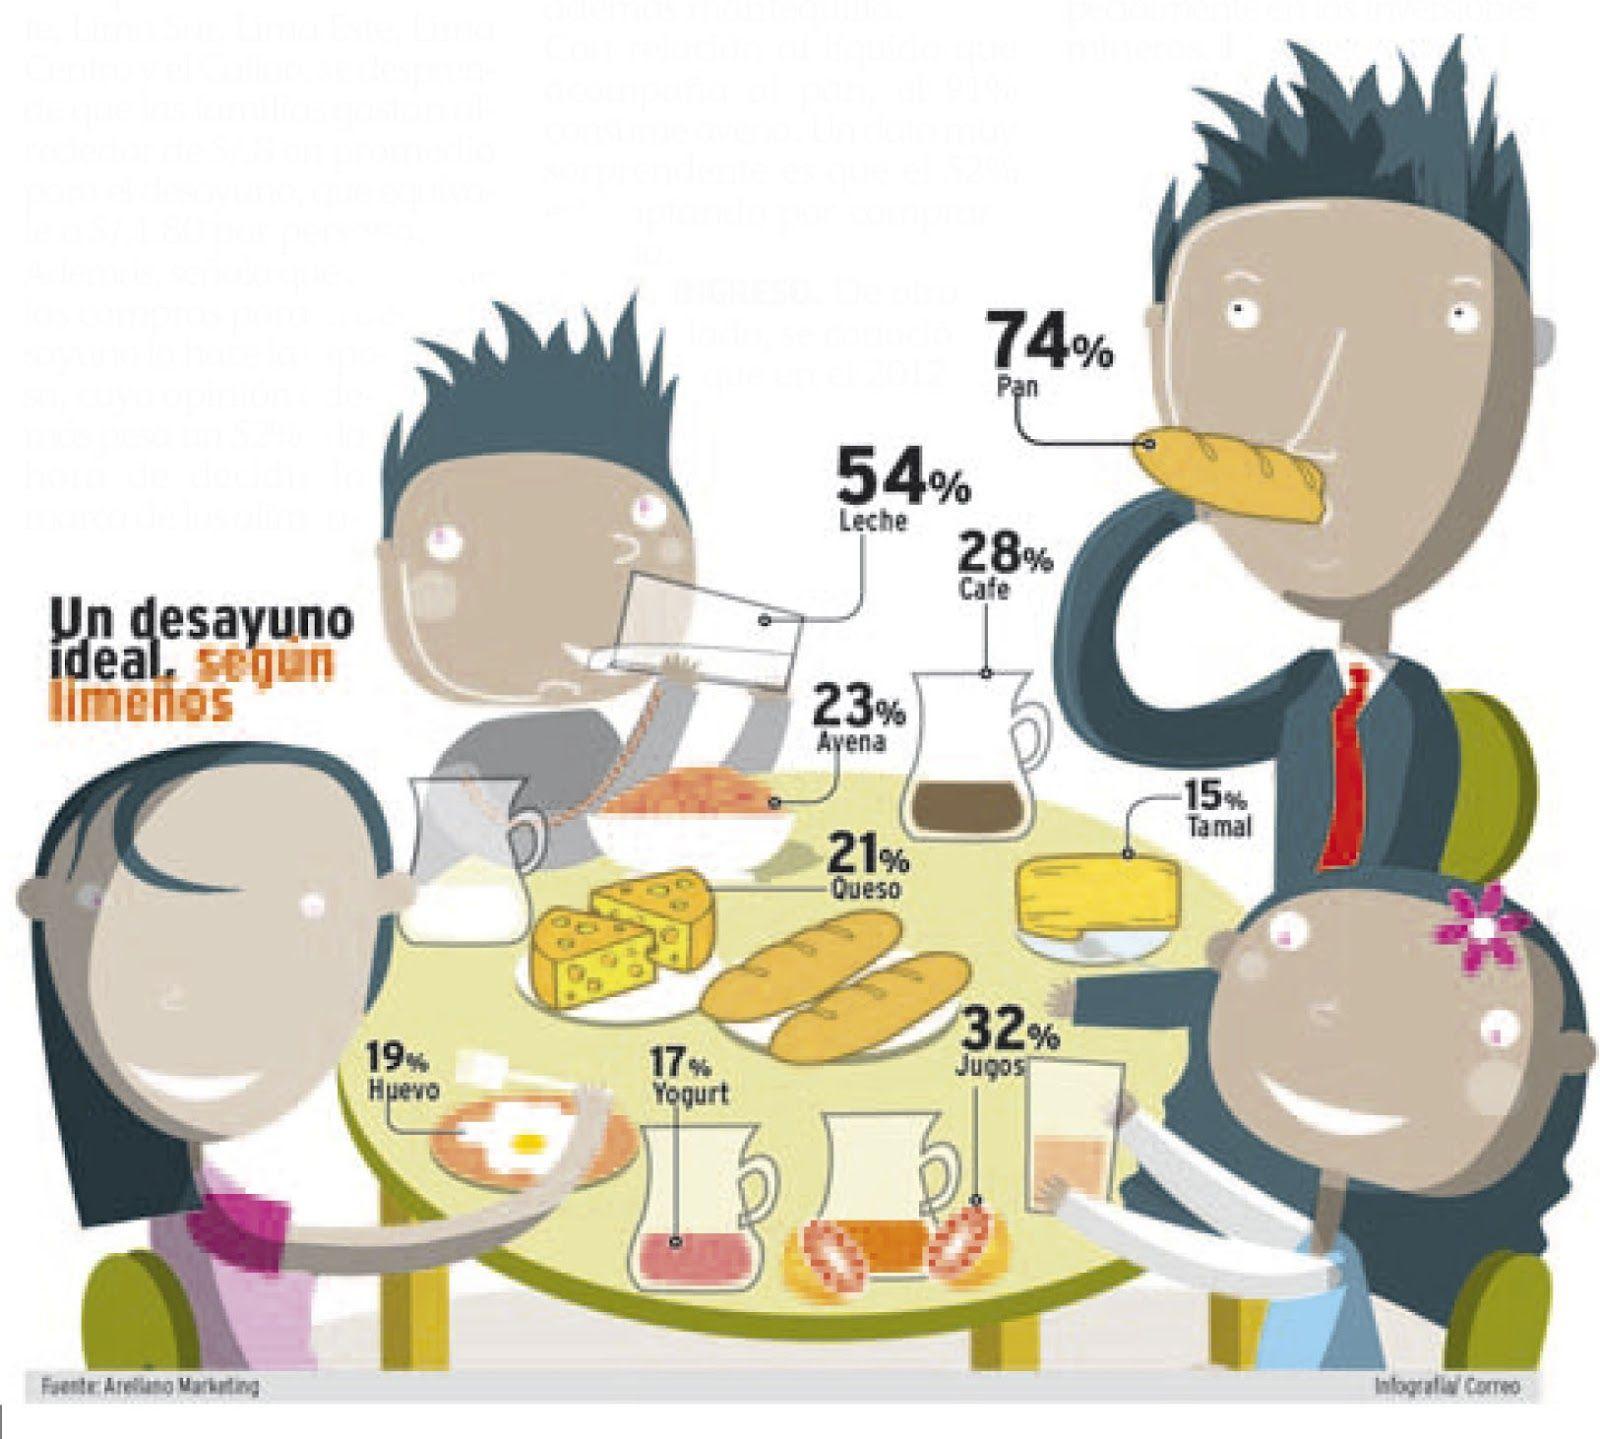 Desayuno Ideal Segun Los Limenos